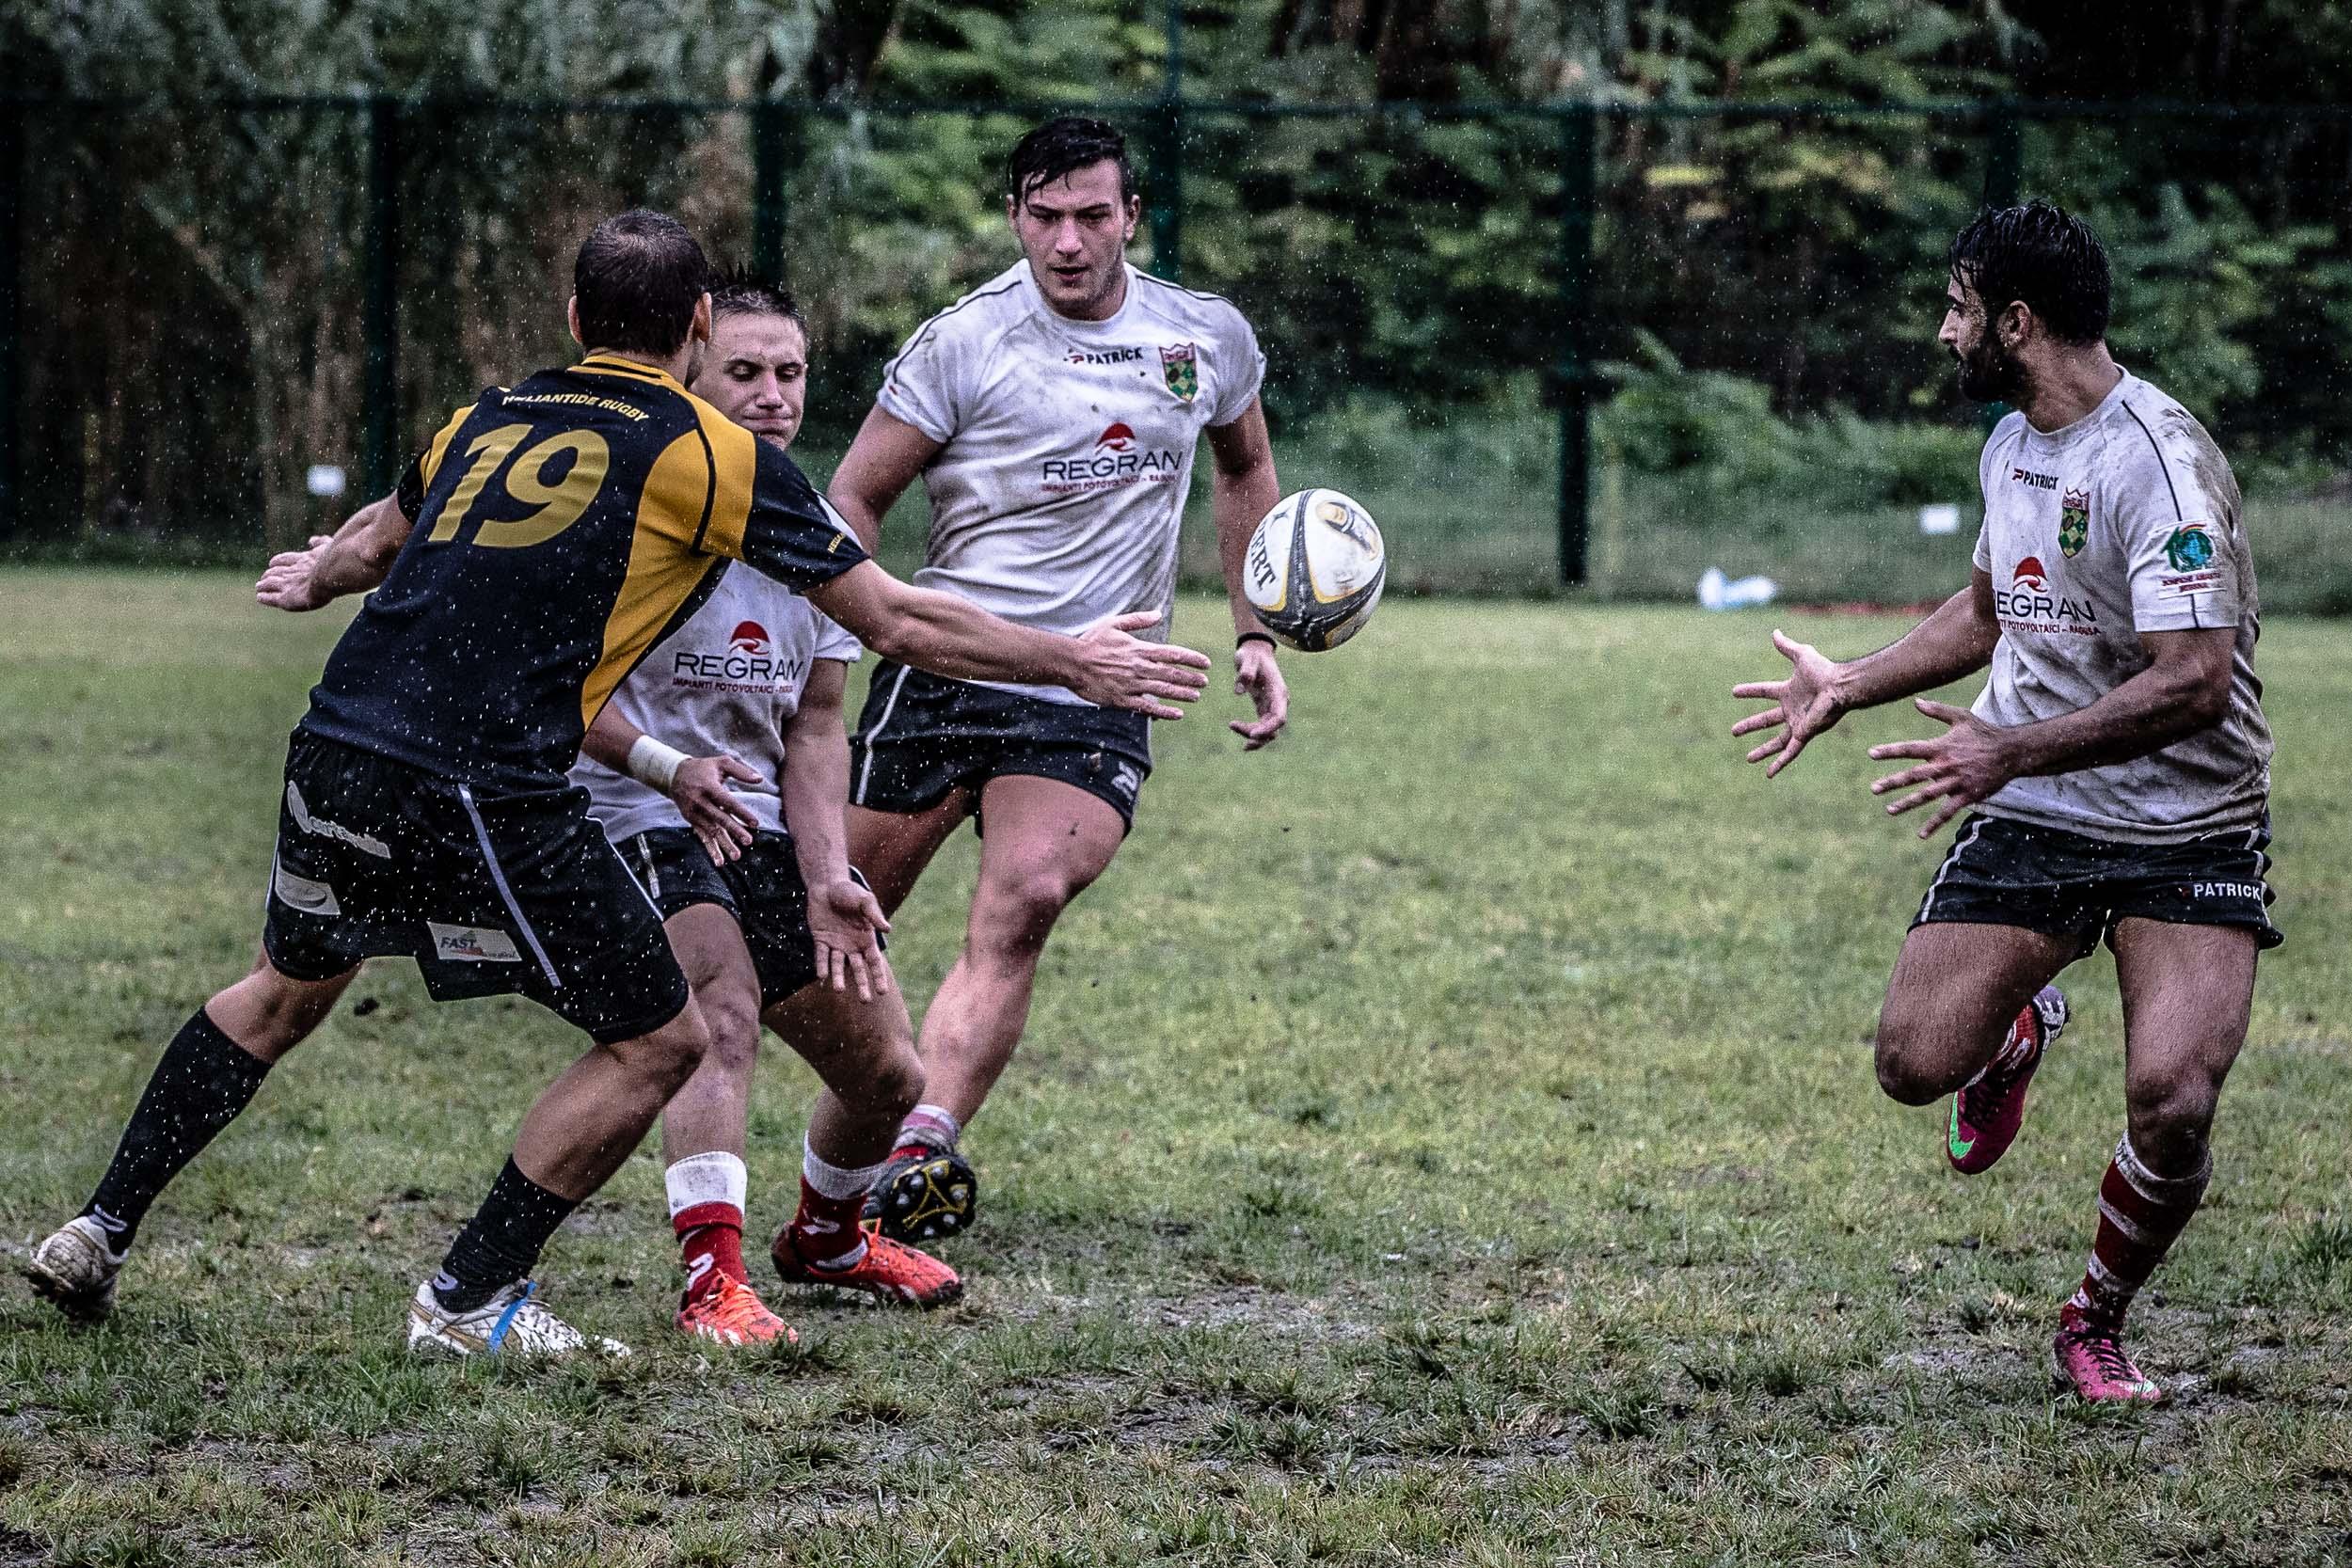 Reggio - Amatori Me 4-10-14 (2)